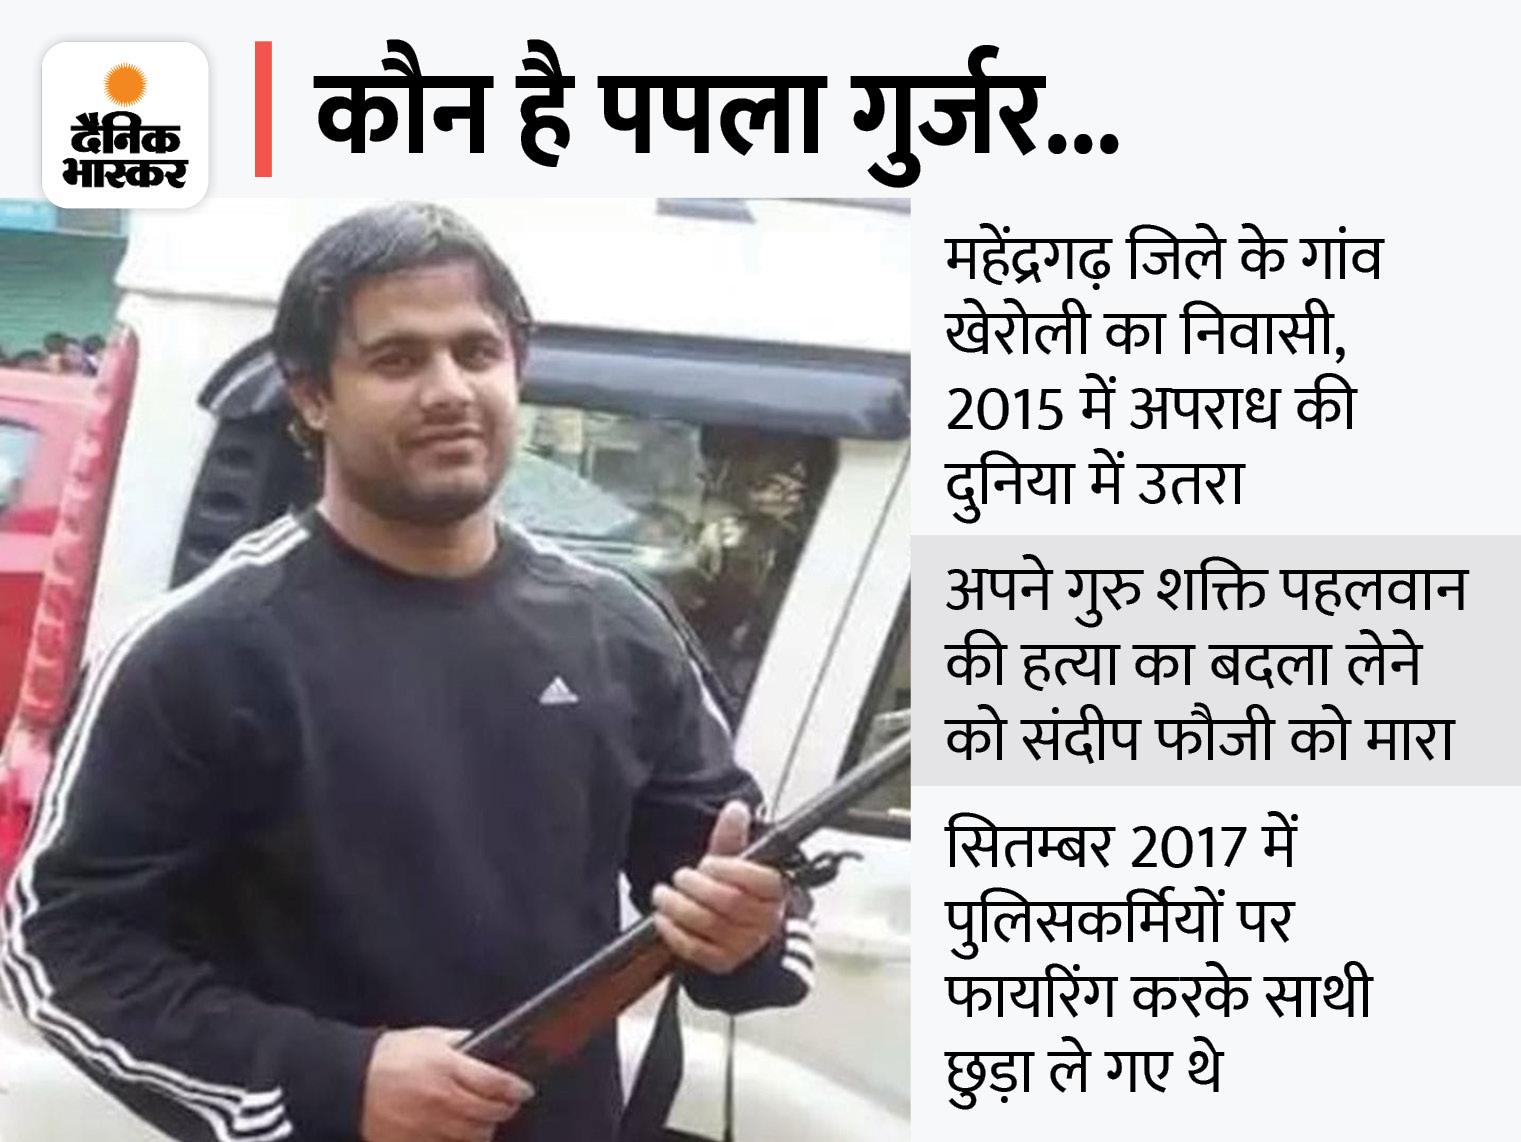 नारनौल कोर्ट का बिमला मर्डर केस में फैसला; 6 साल पहले महिला को 23 गोलियां मारी थीं देश,National - Dainik Bhaskar